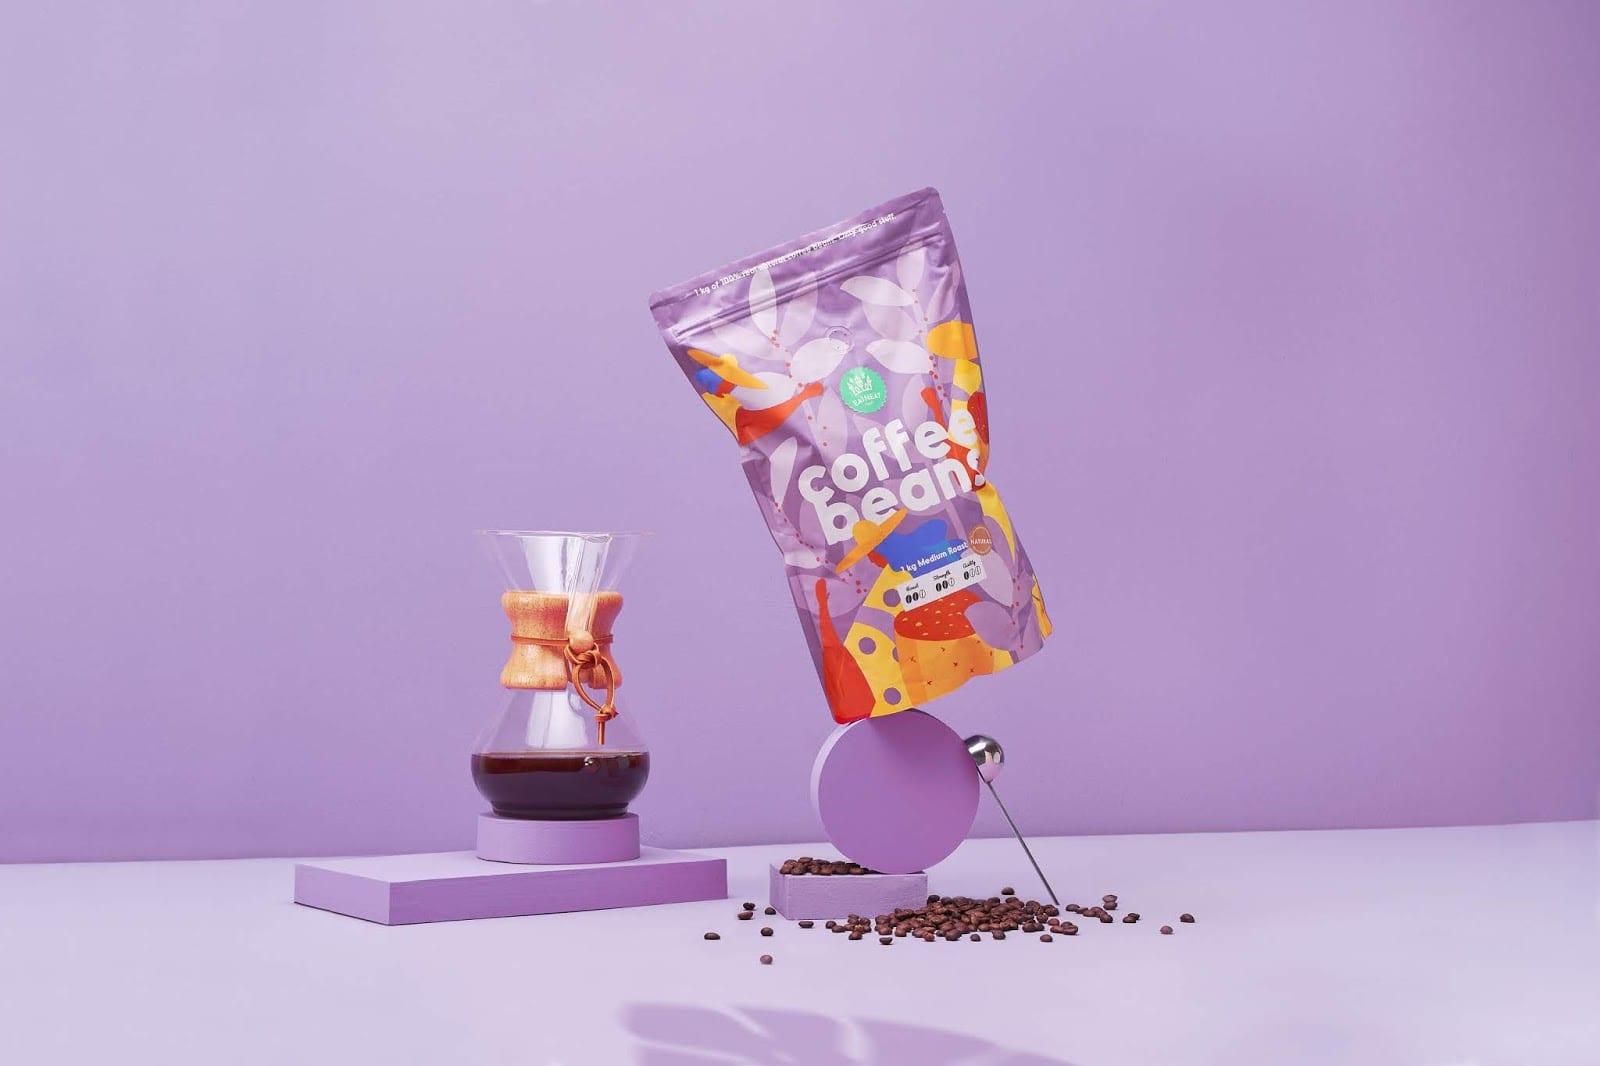 coffeebeans10 - Coffee Beans je nová značka kávy s hravým obalem